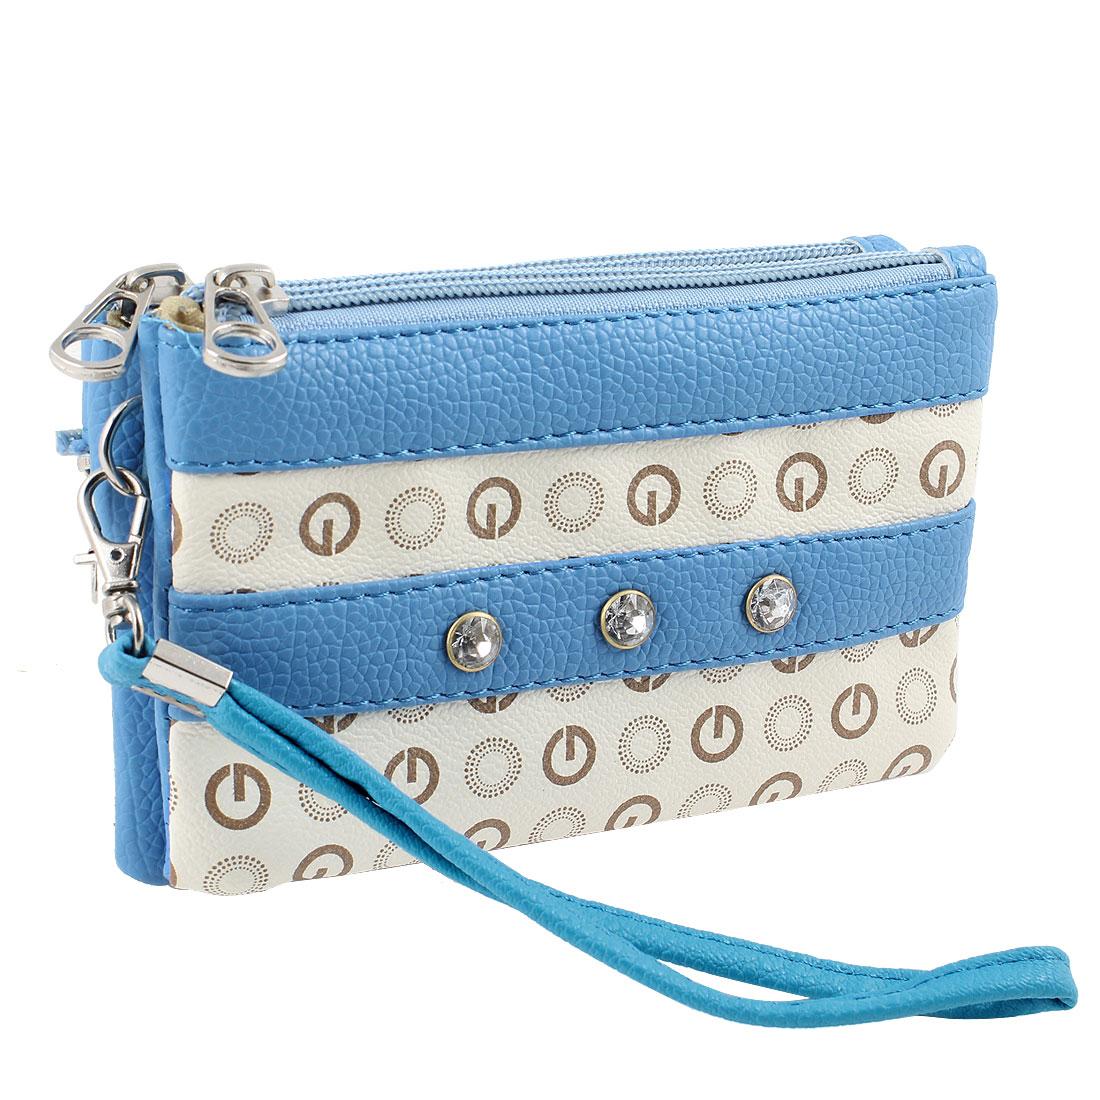 Ladies Women Letters Pattern 3 Compartments Zip Up Handbag Purse Blue Beige